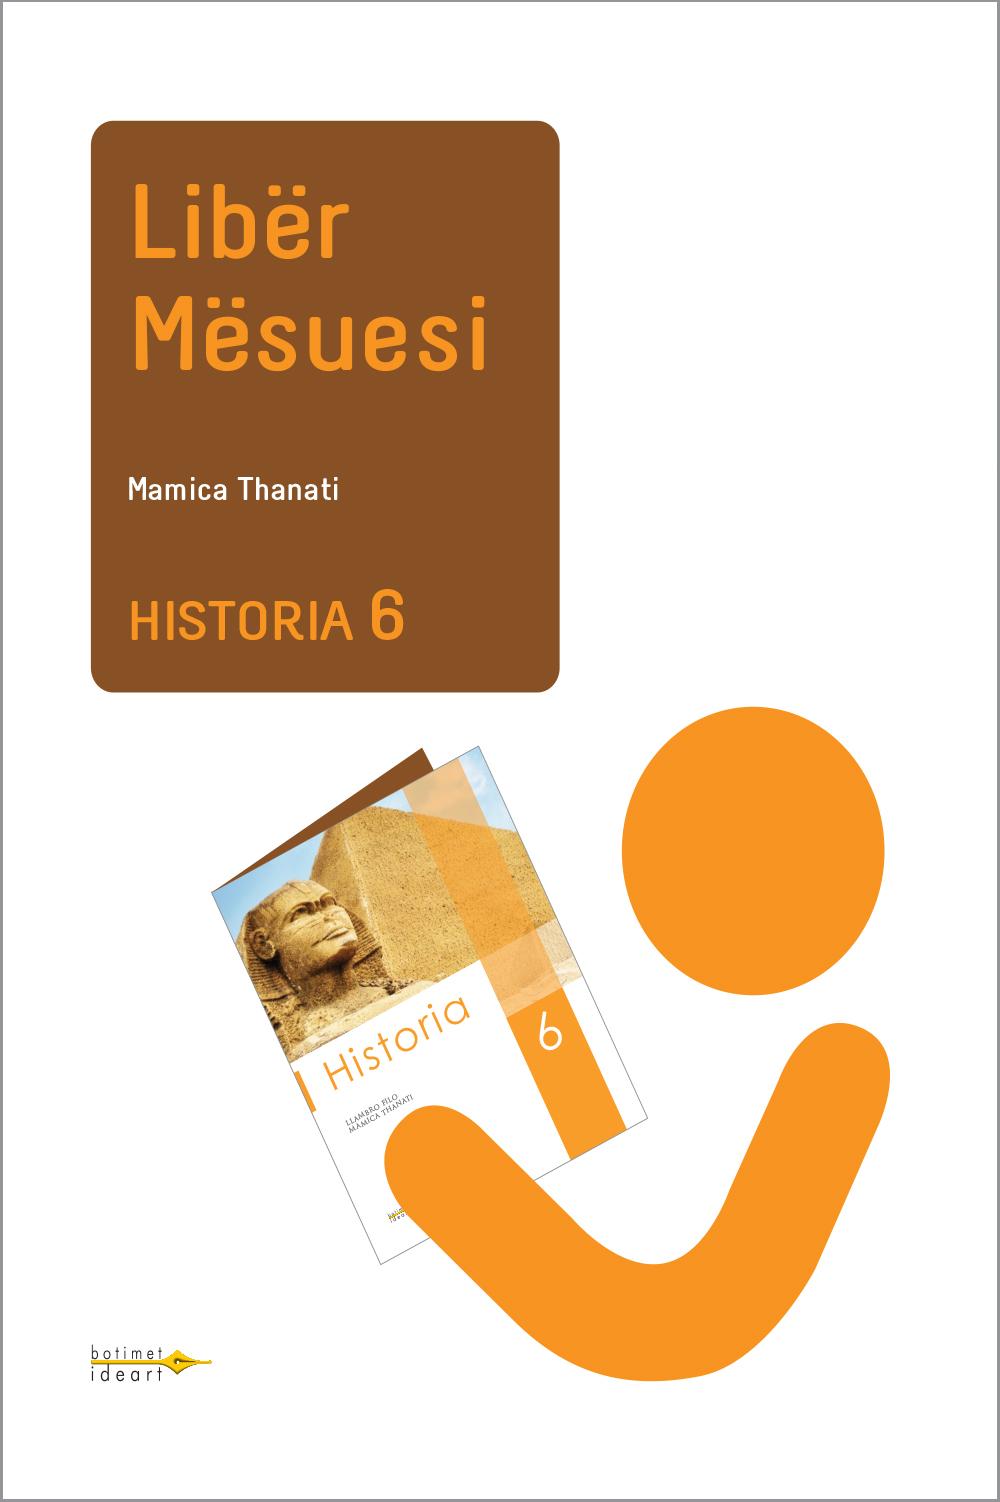 Historia 6<br>Libër Mësuesi